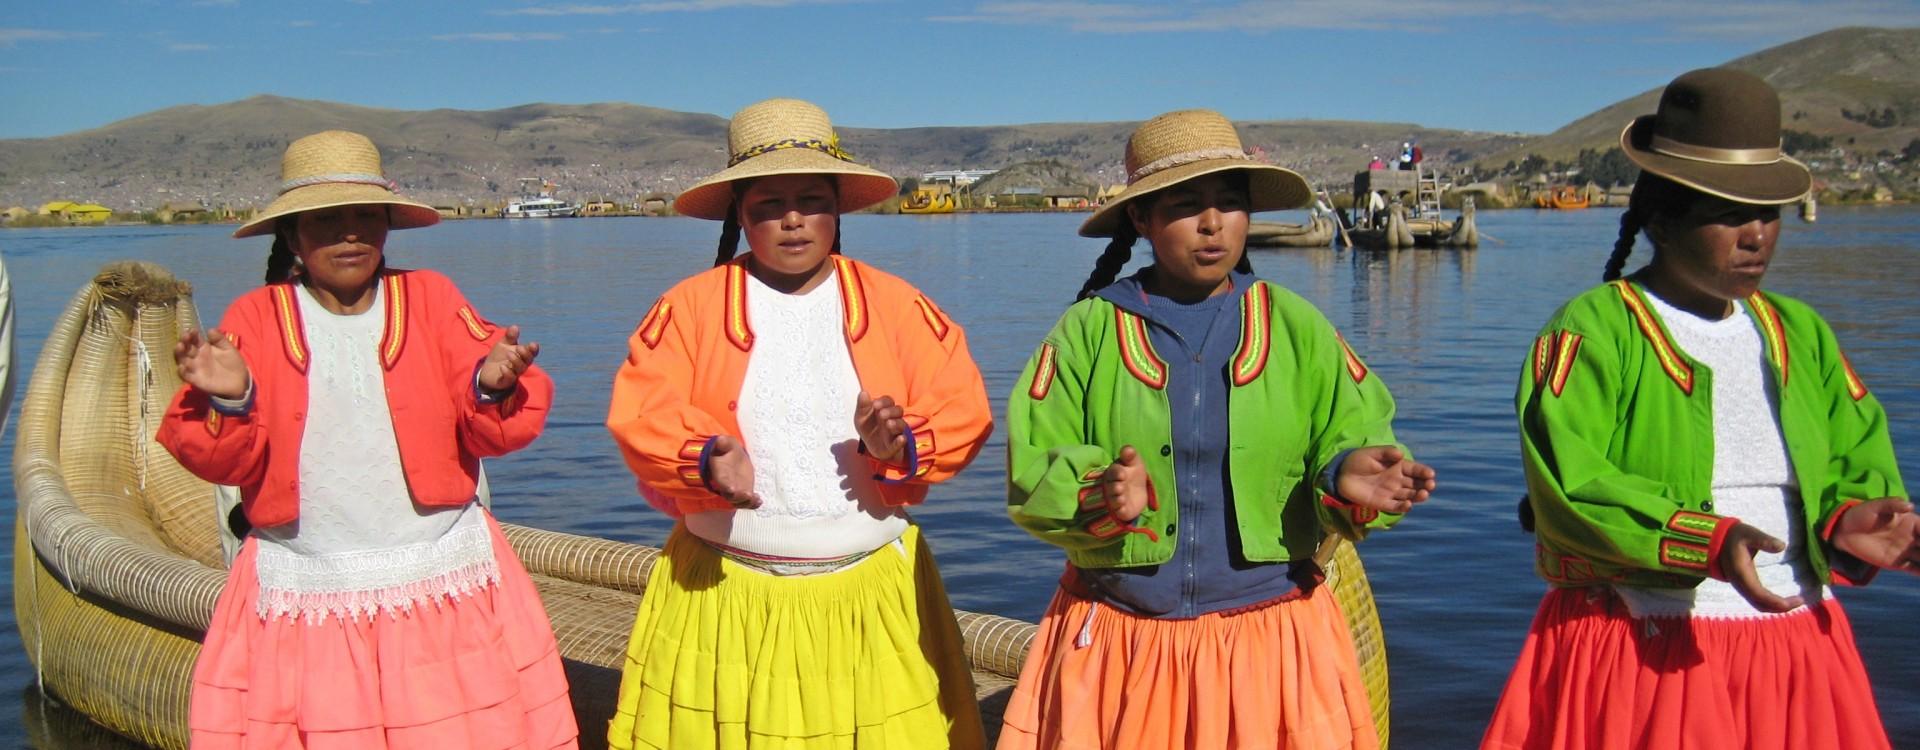 1486652242-1486652235-1438093242-1438093238-1438093229-1438093182-1438093176-1438093163-1438093158-peru-peru-land-of-the-incas.jpg